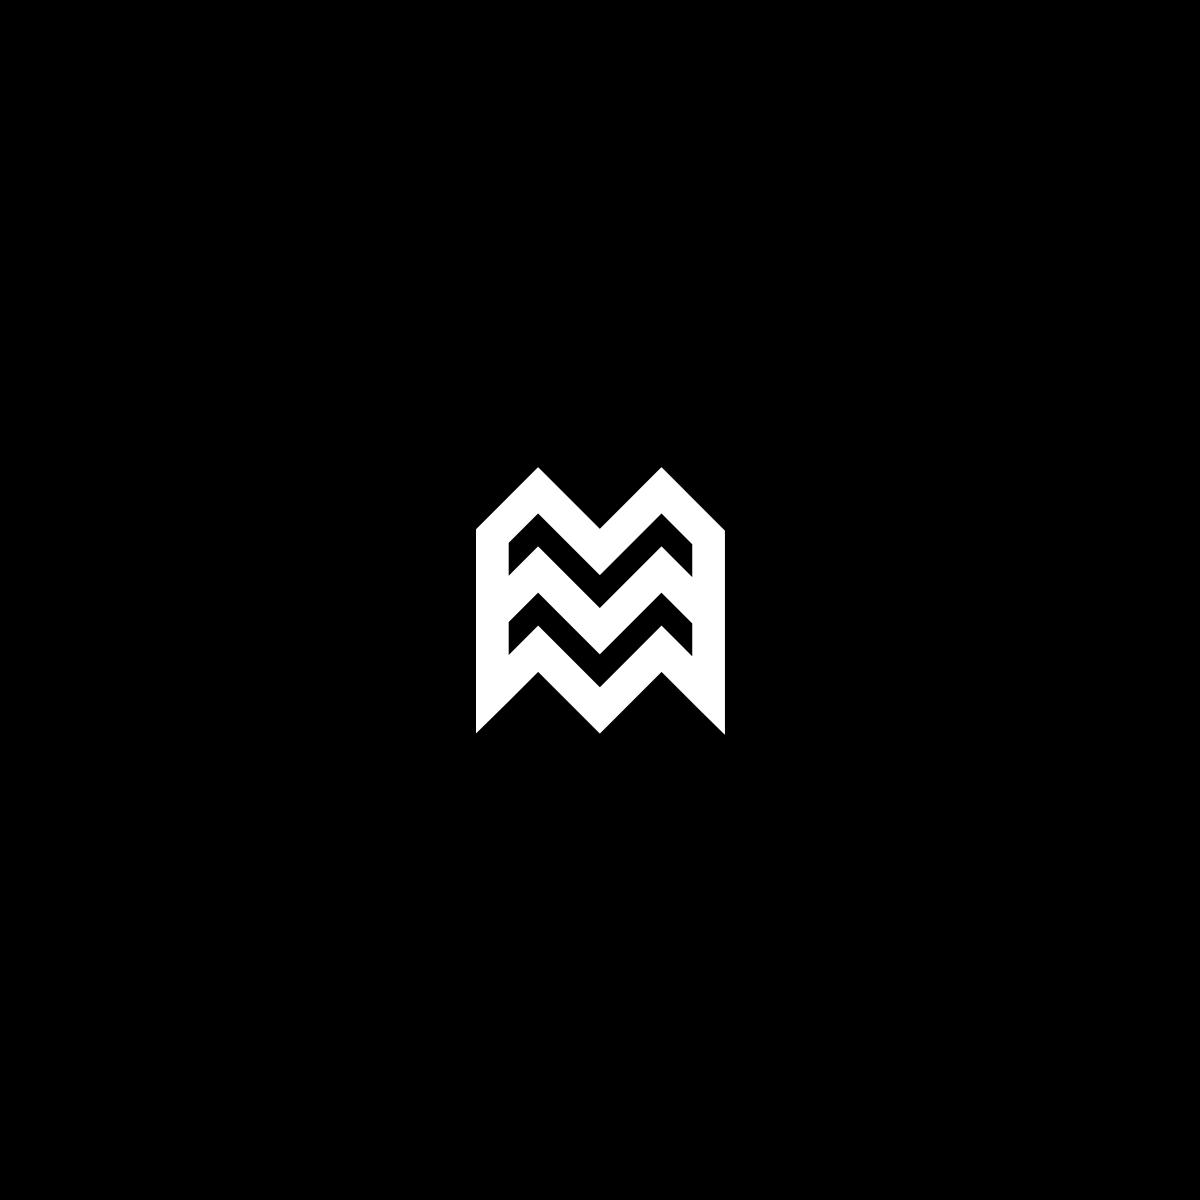 logocollection-v2-2